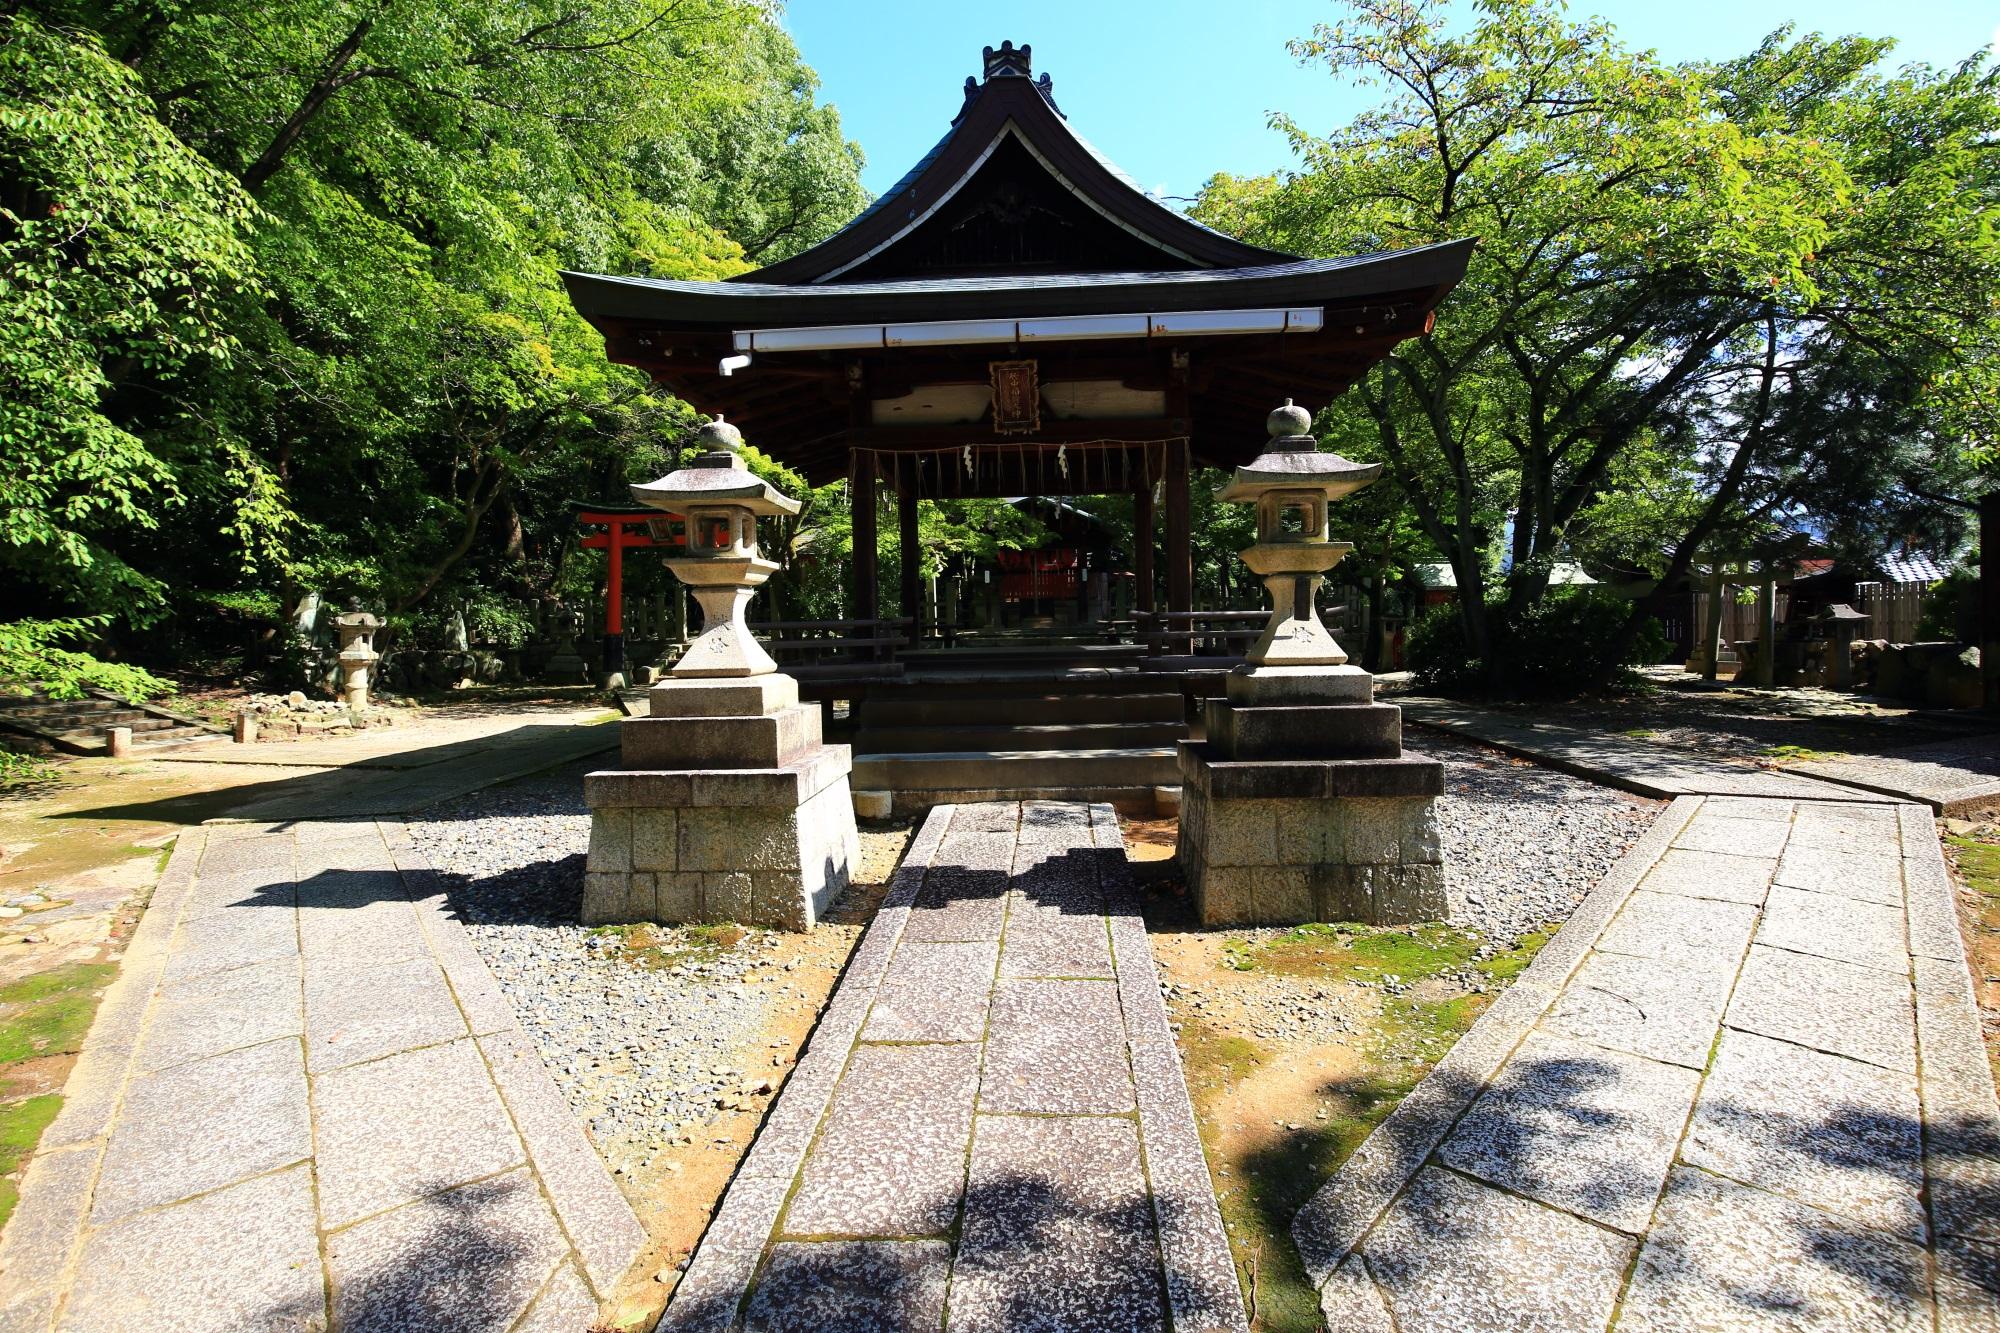 木々や緑につつまれた静かな空間に鎮座する竹中稲荷神社の拝殿